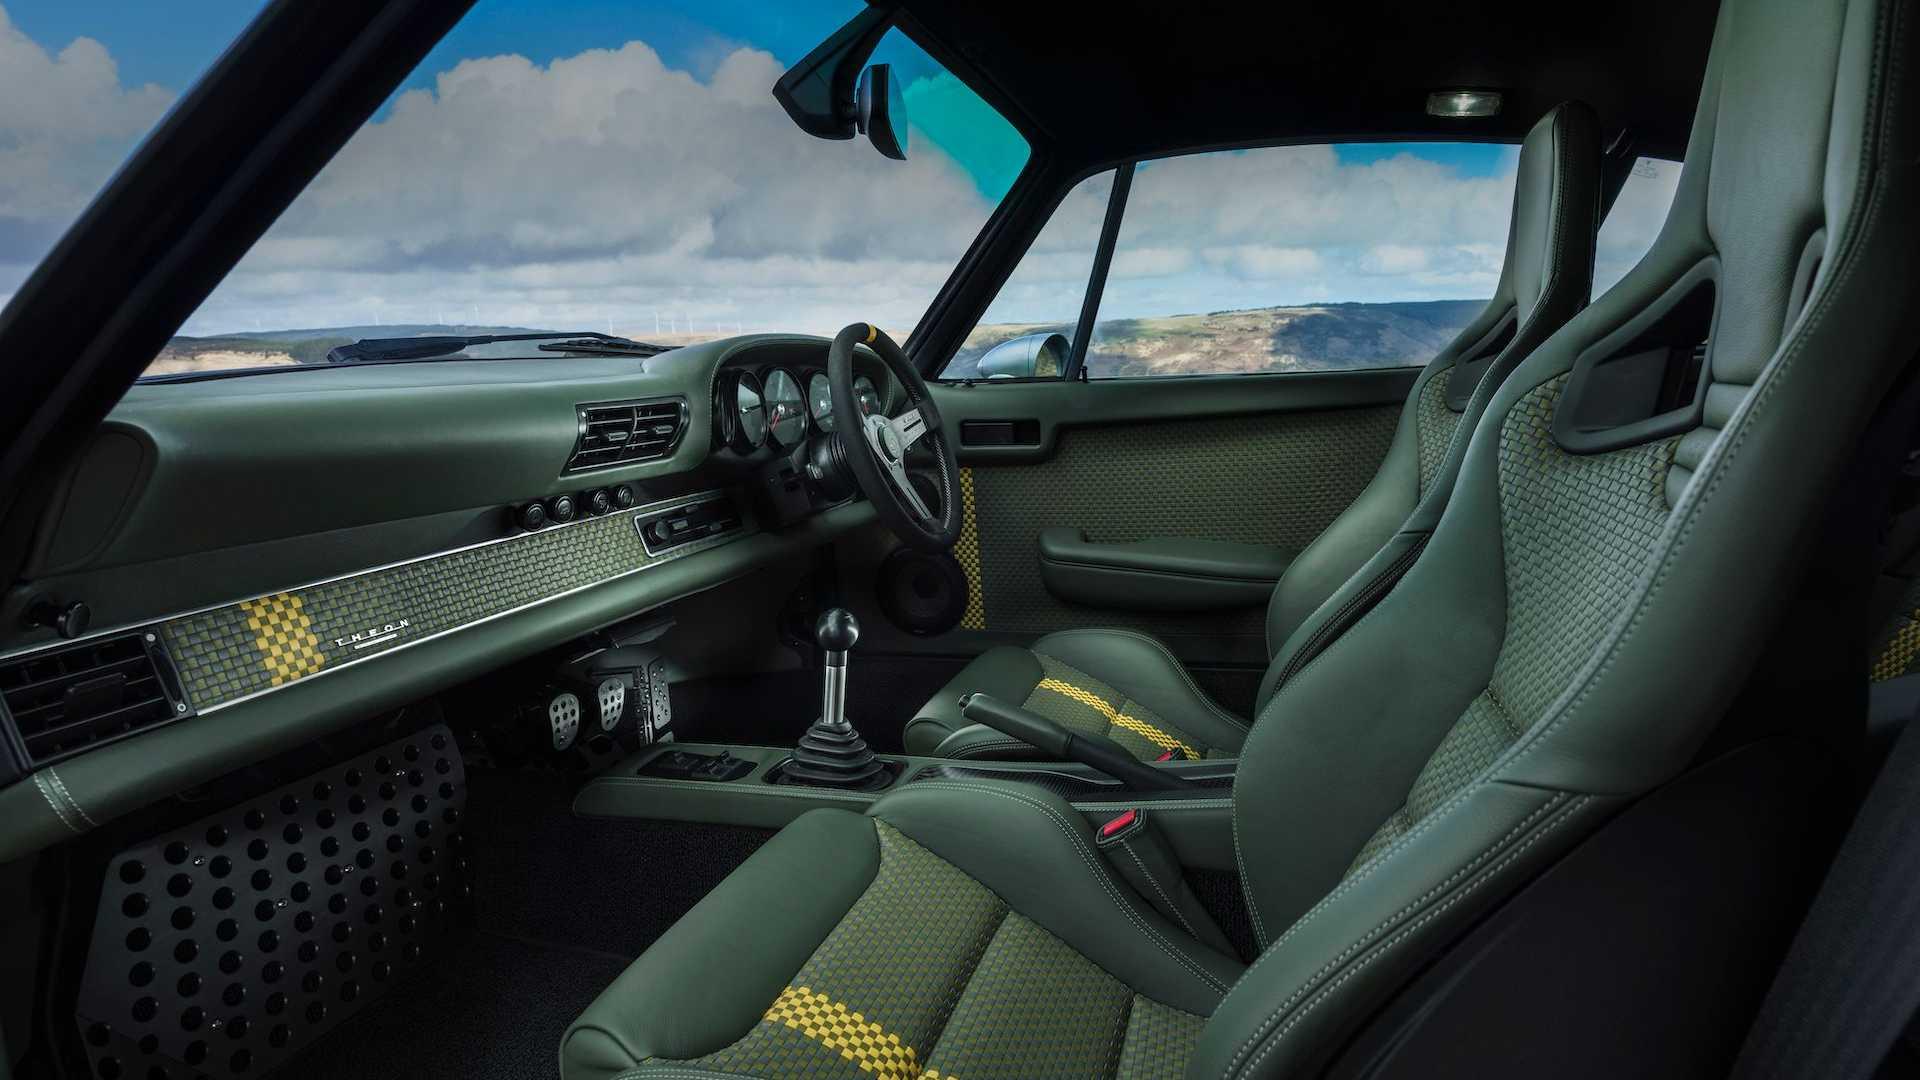 Theon-Design-HK002-Porsche-911-6